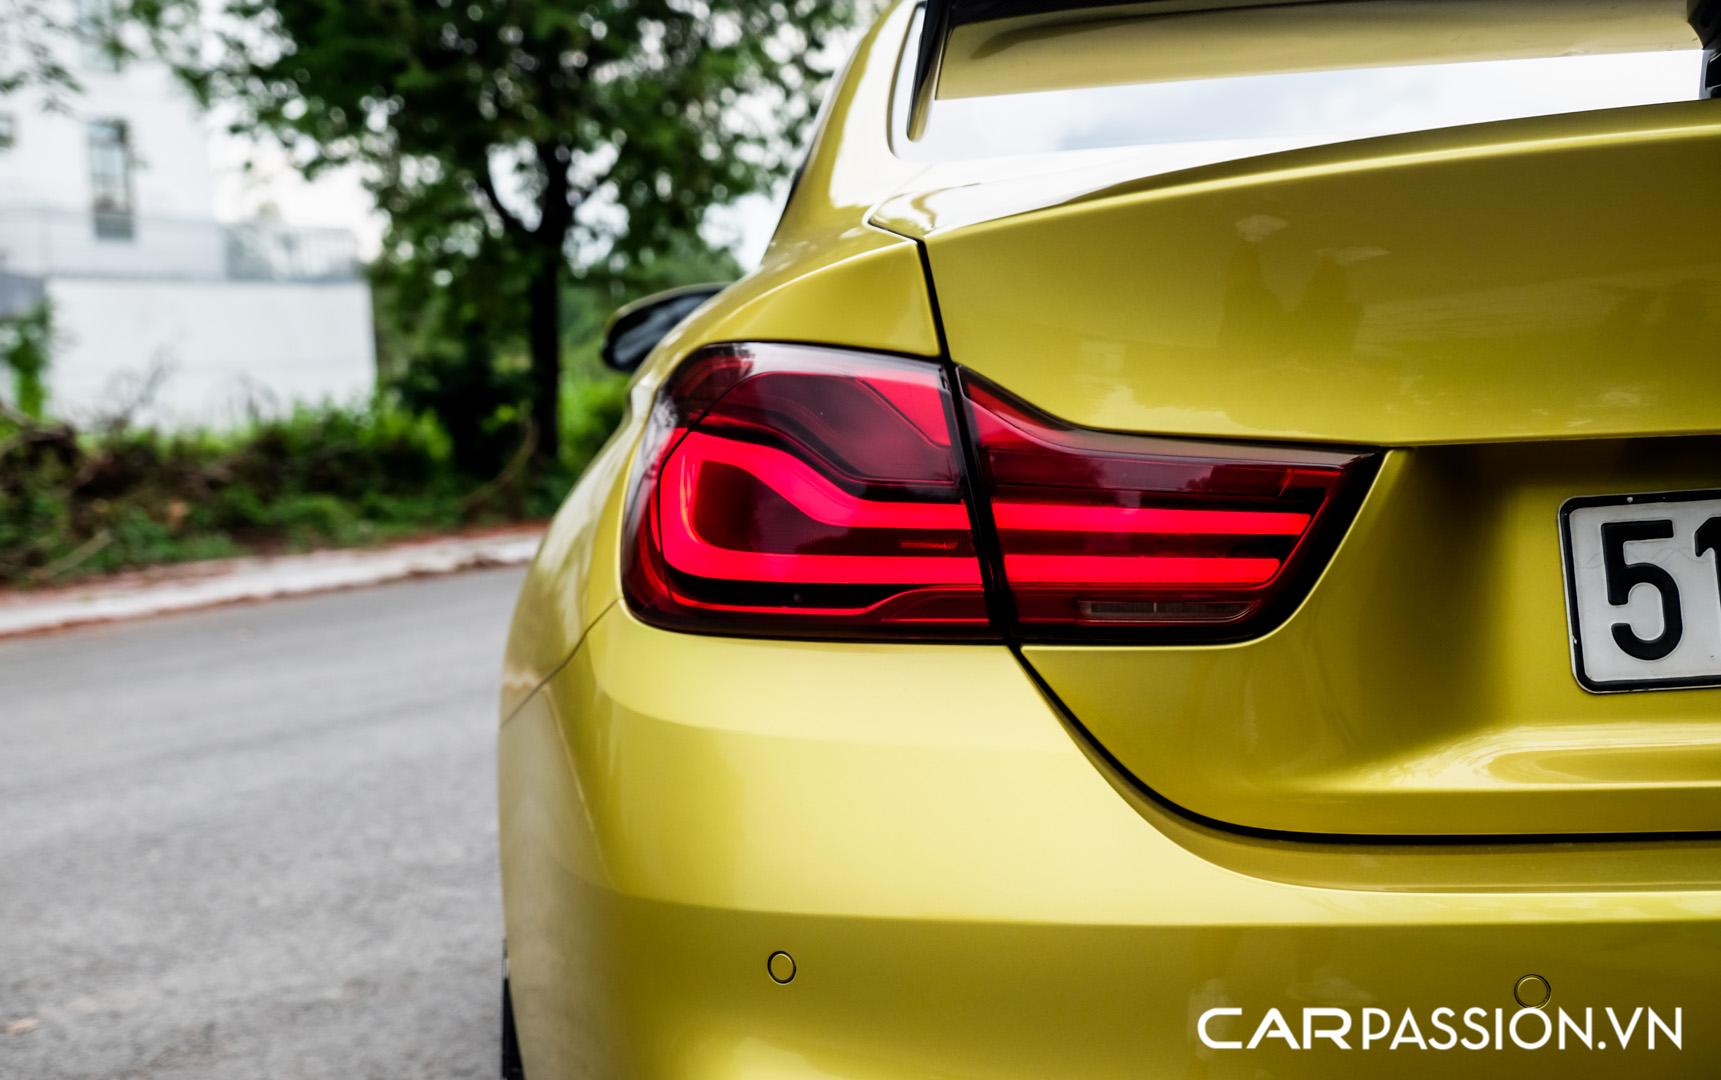 CP-BMW M4 F8 được rao bán (30).jpg